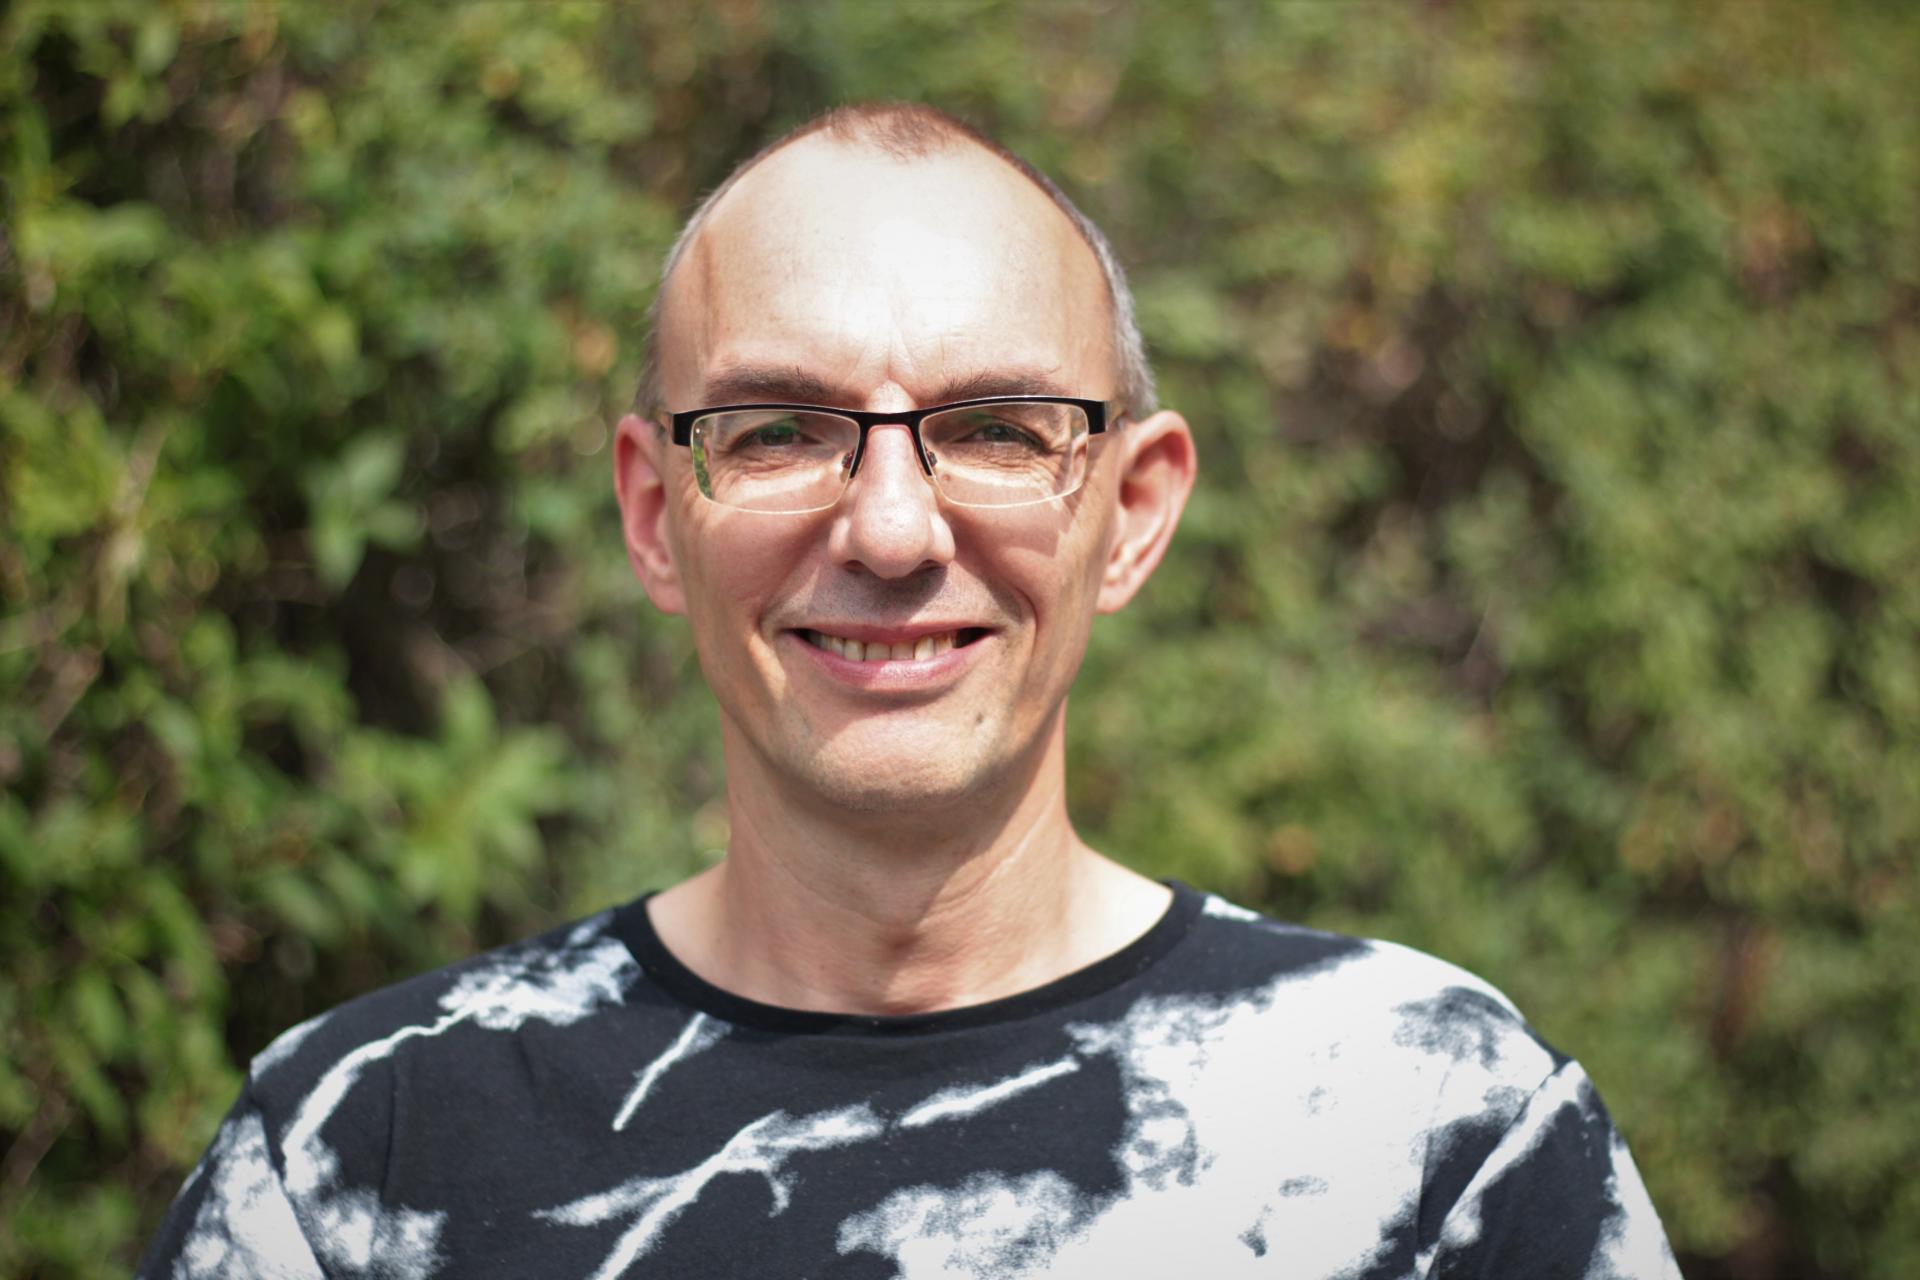 Andreas Tietz